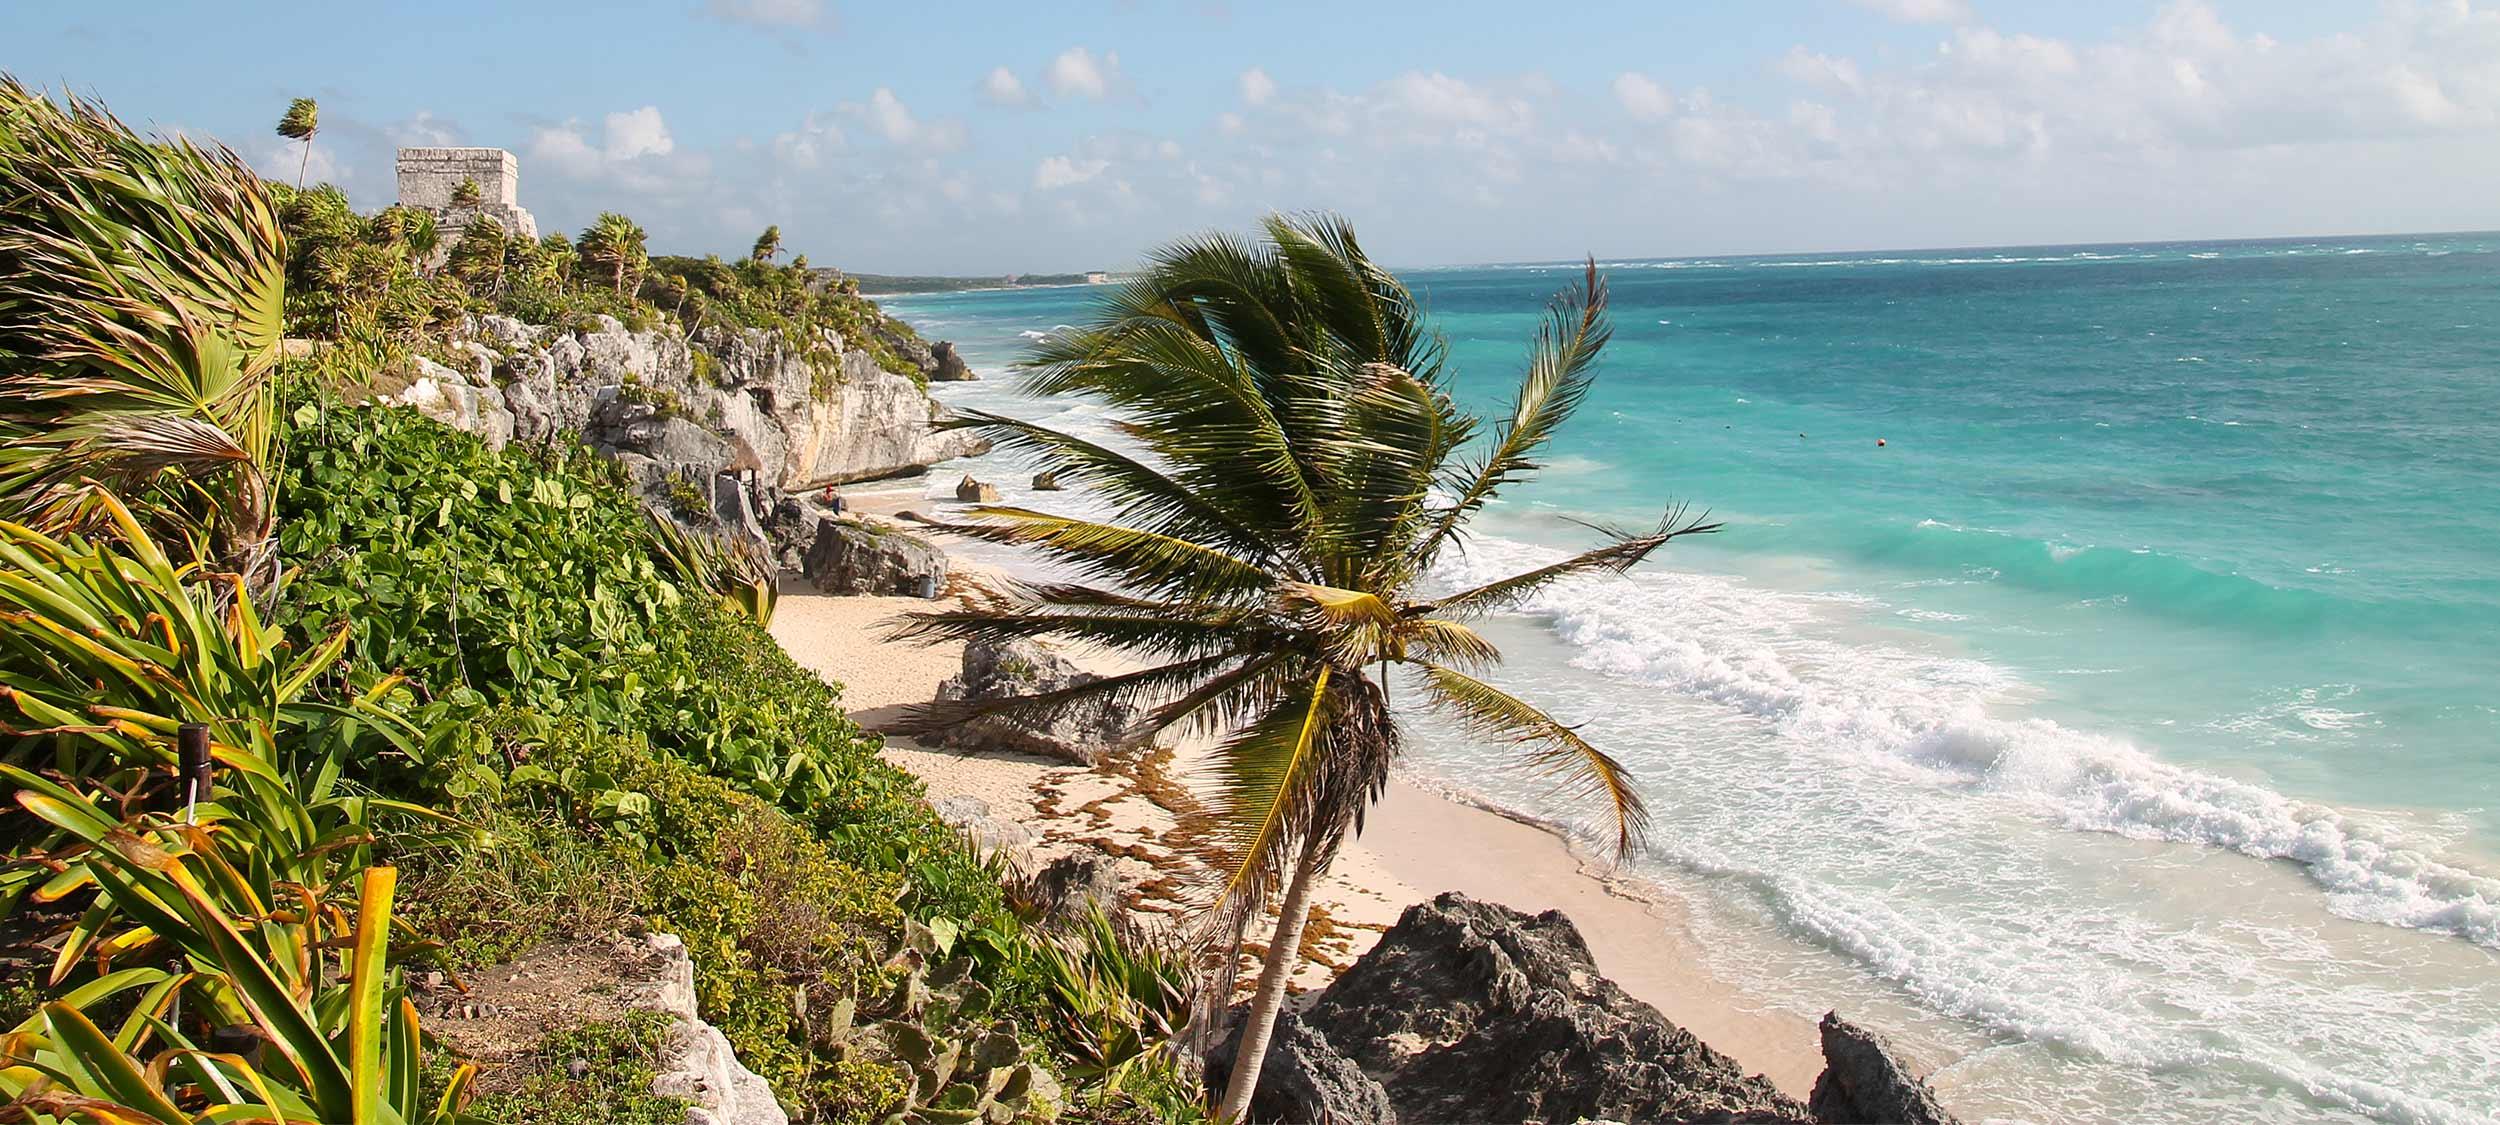 Mexiko-Rundreise: 2 Wochen auf der Yucatan Halbinsel